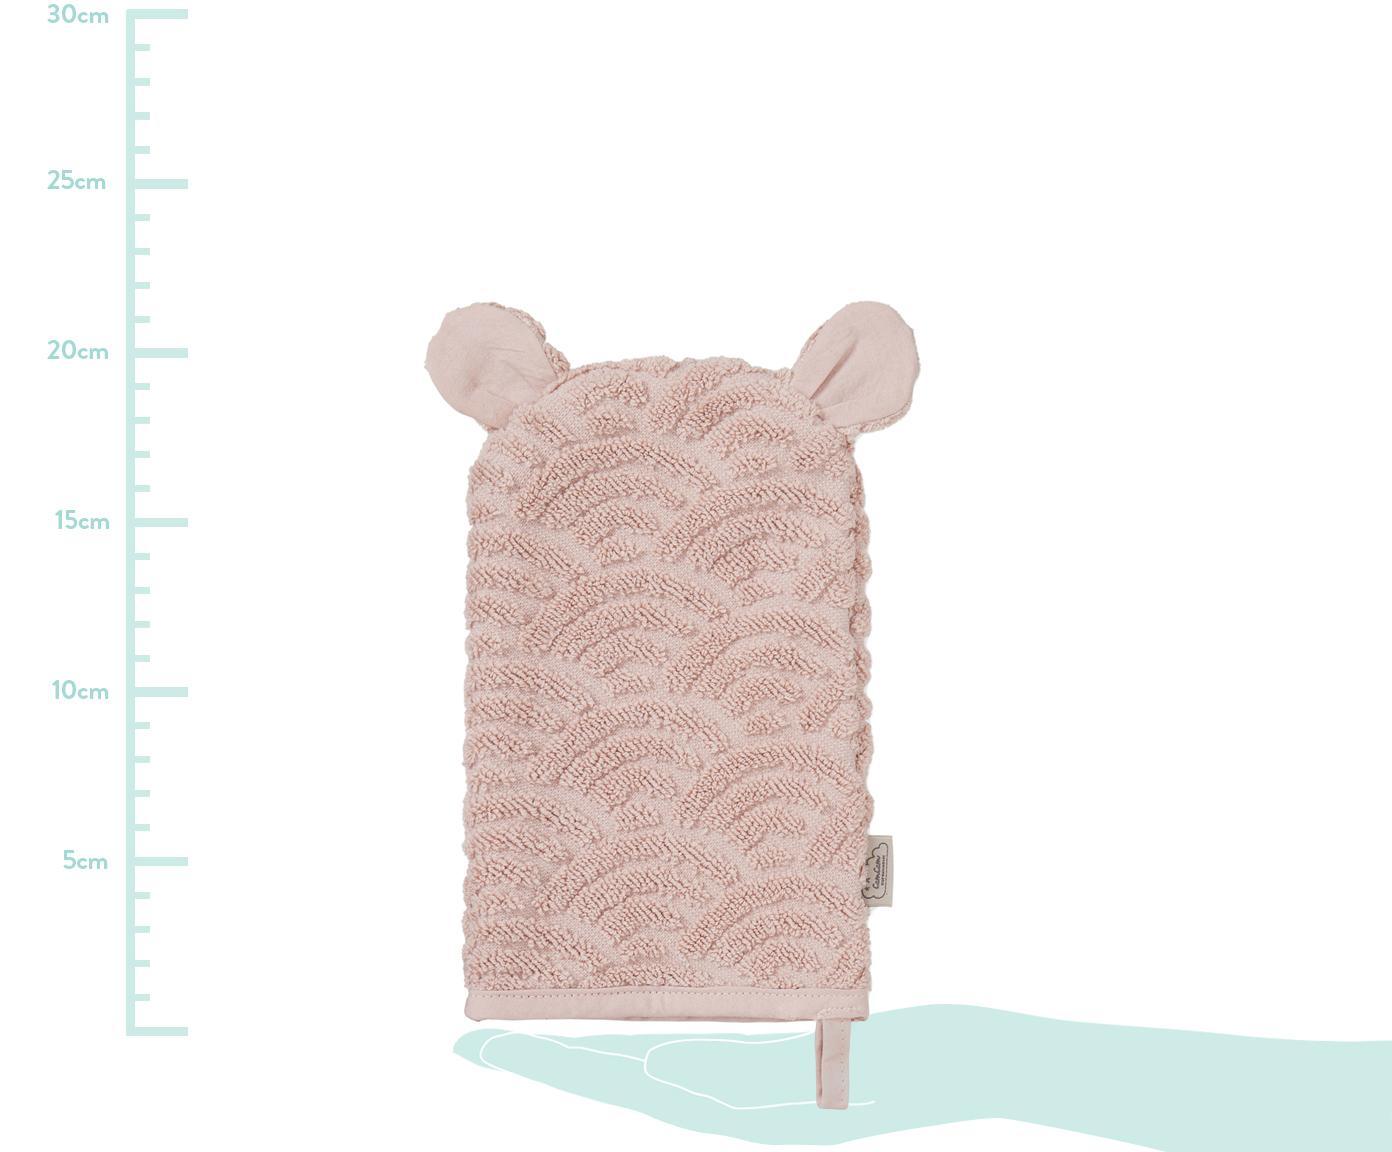 Waschlappen Wave aus Bio-Baumwolle, Bio-Baumwolle, GOTS-zertifiziert, Rosa, 15 x 22 cm